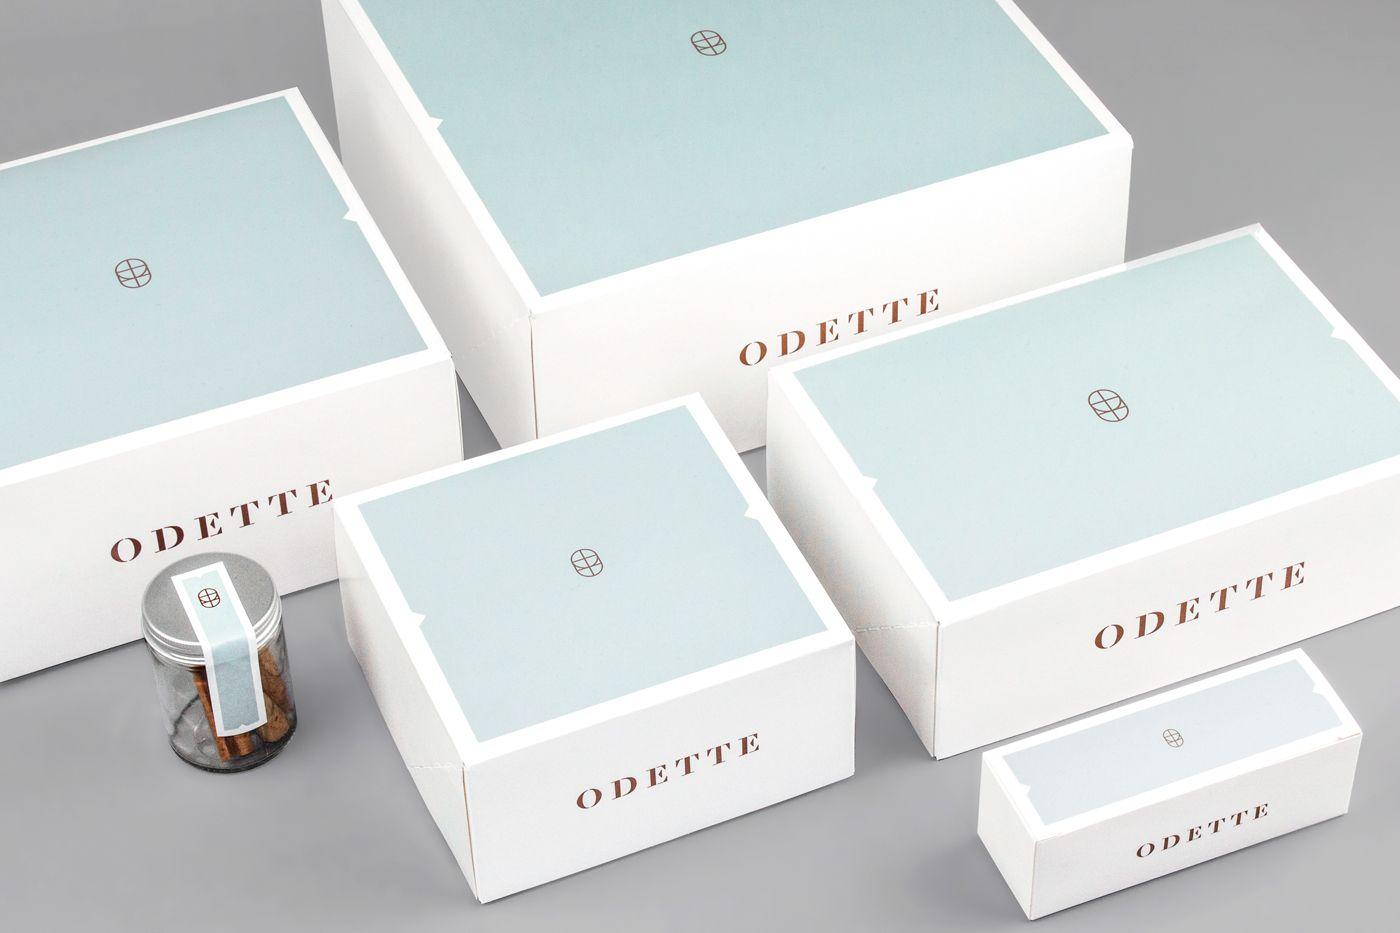 Odette on Behance